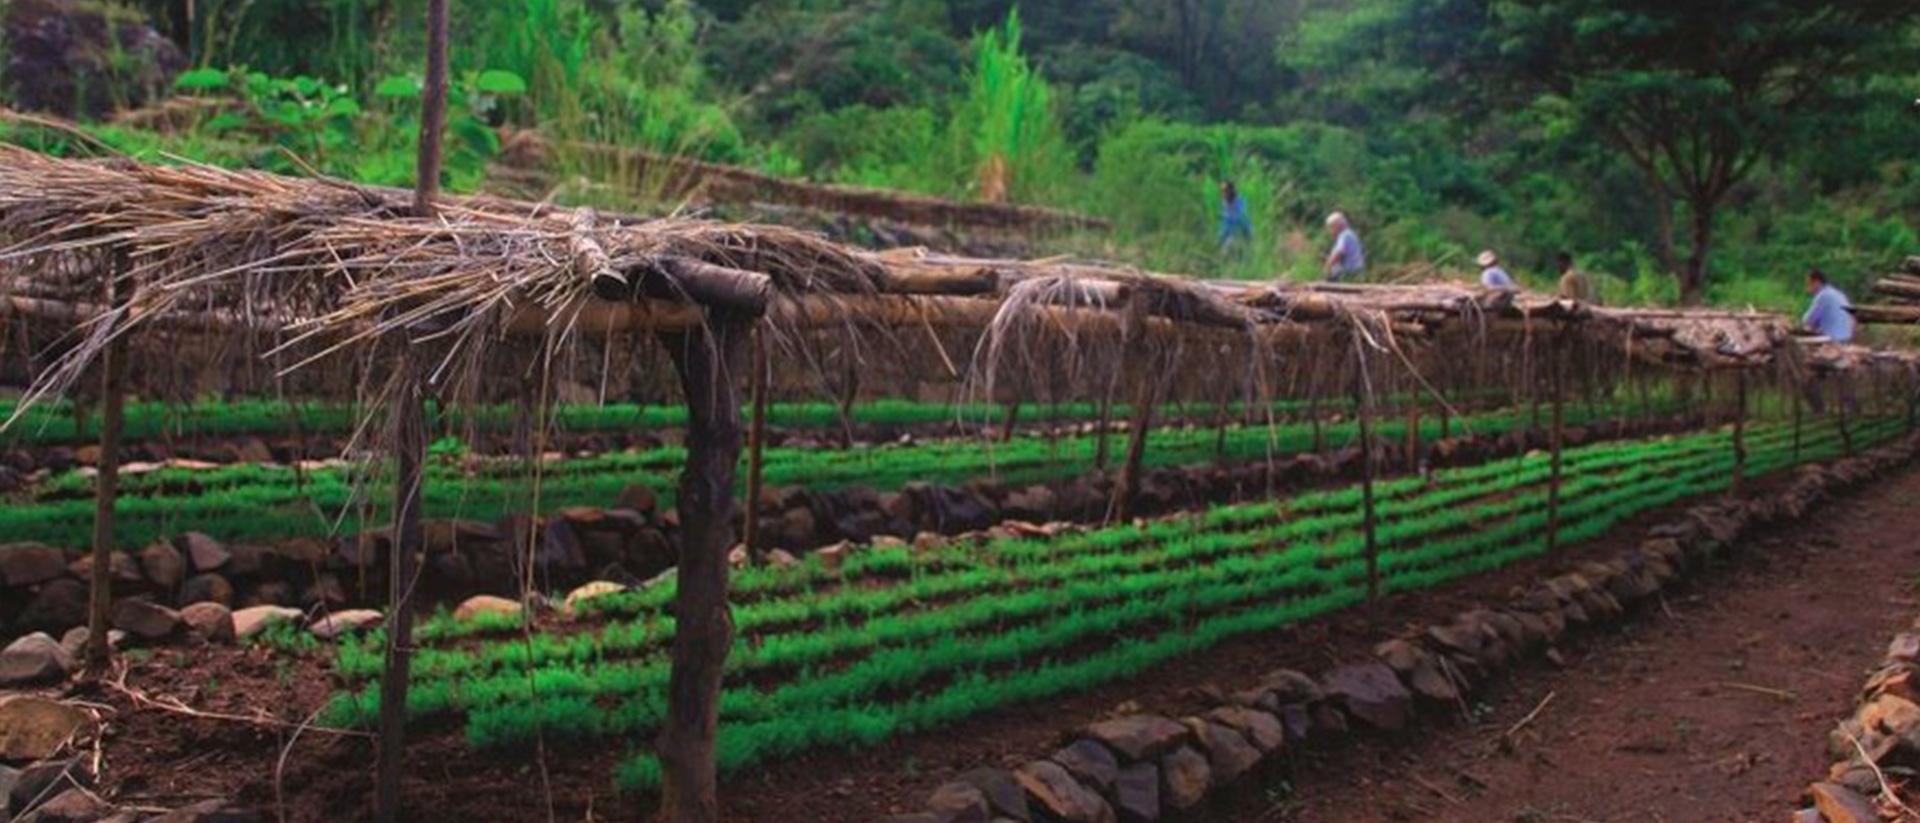 2020 Äthiopien - Agrofrost Feld